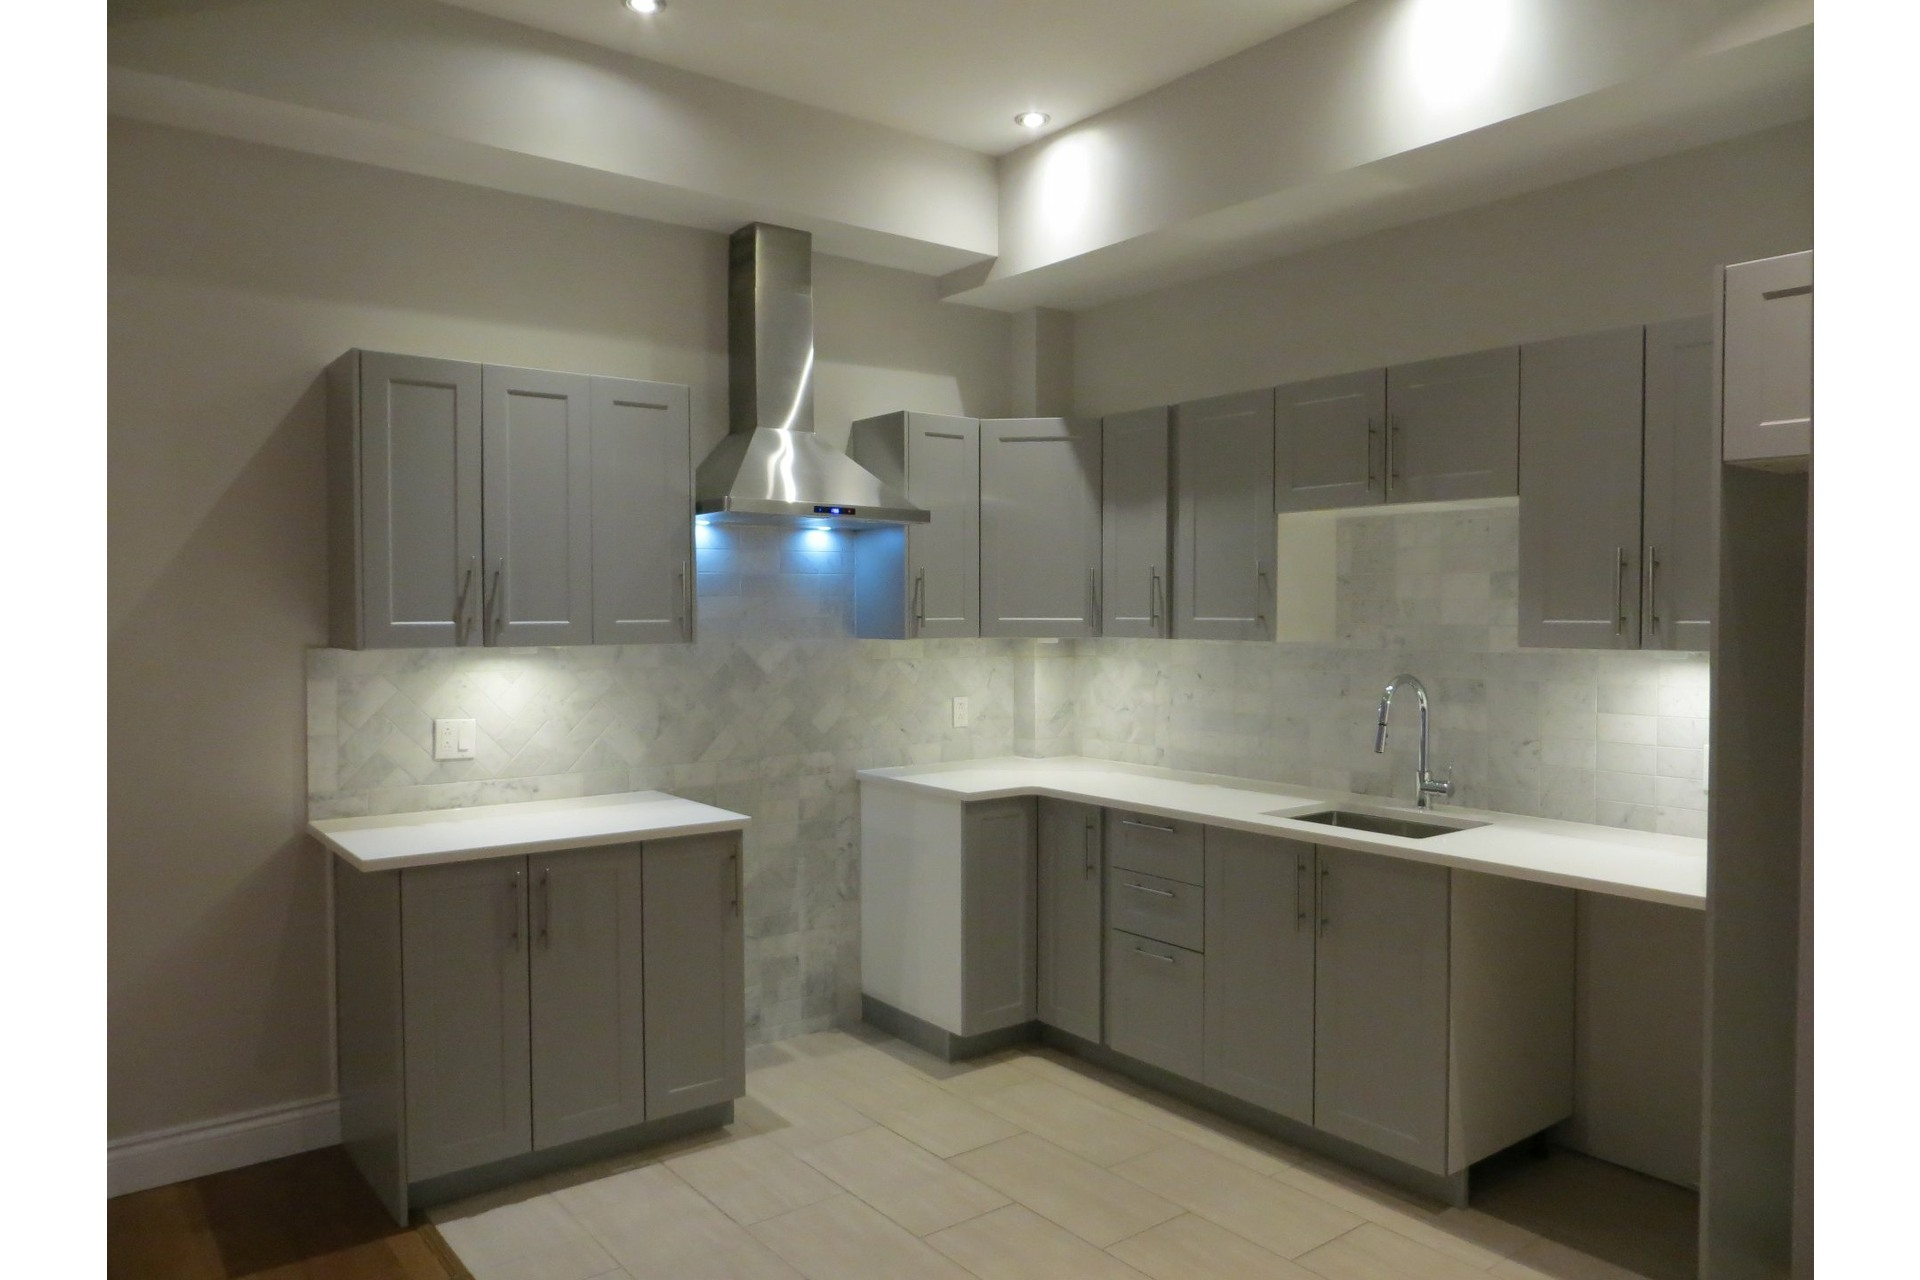 image 23 - Appartement À vendre Côte-des-Neiges/Notre-Dame-de-Grâce Montréal  - 5 pièces